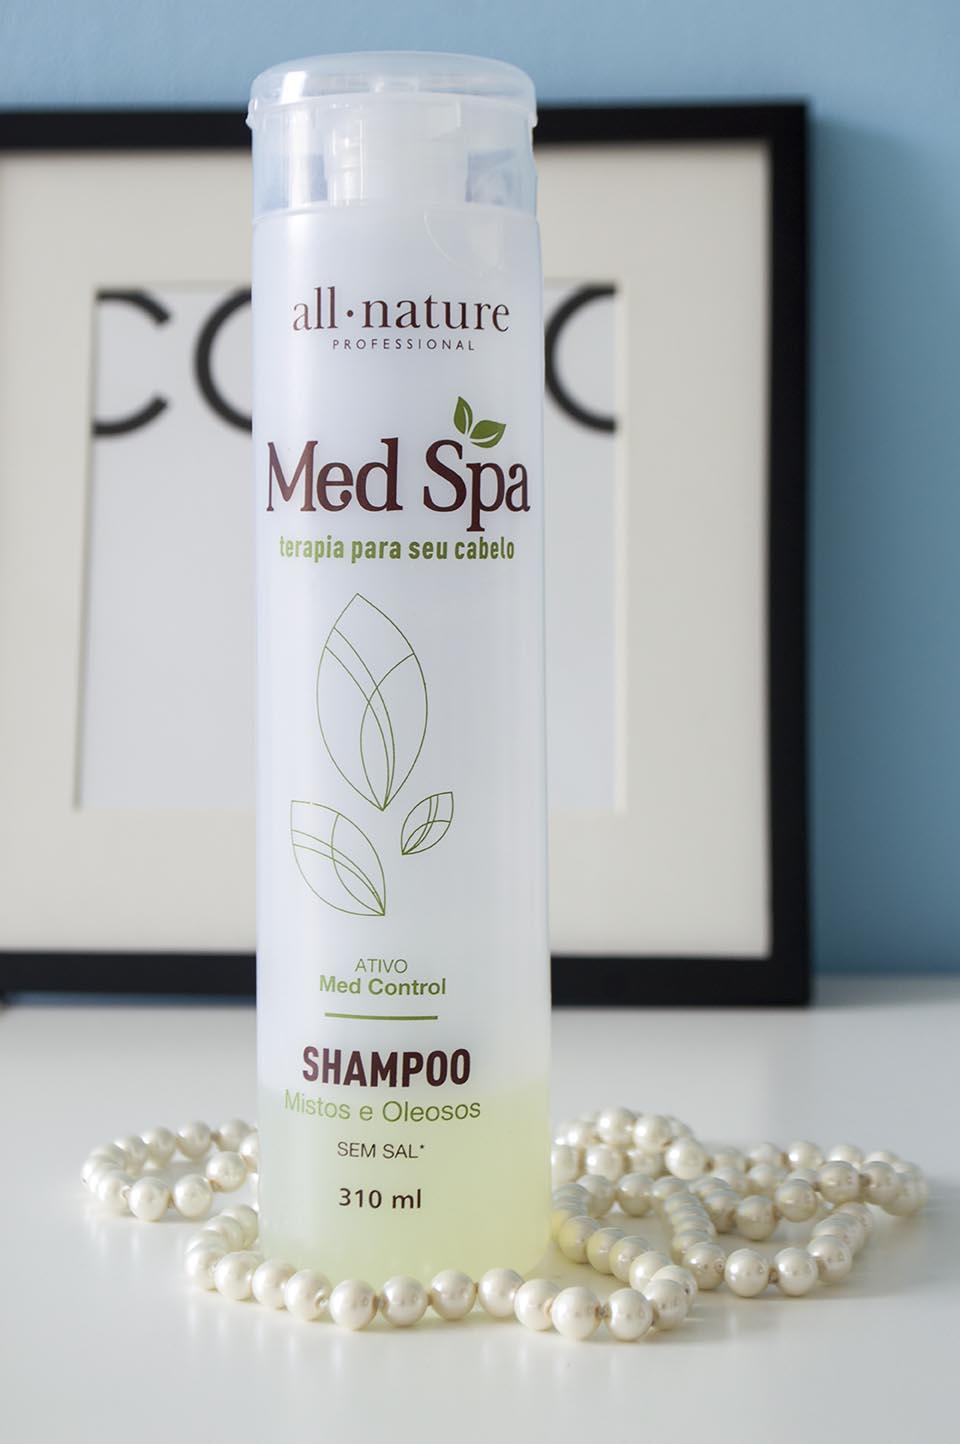 Shampoo para cabelos oleosos Med Spa da All Nature